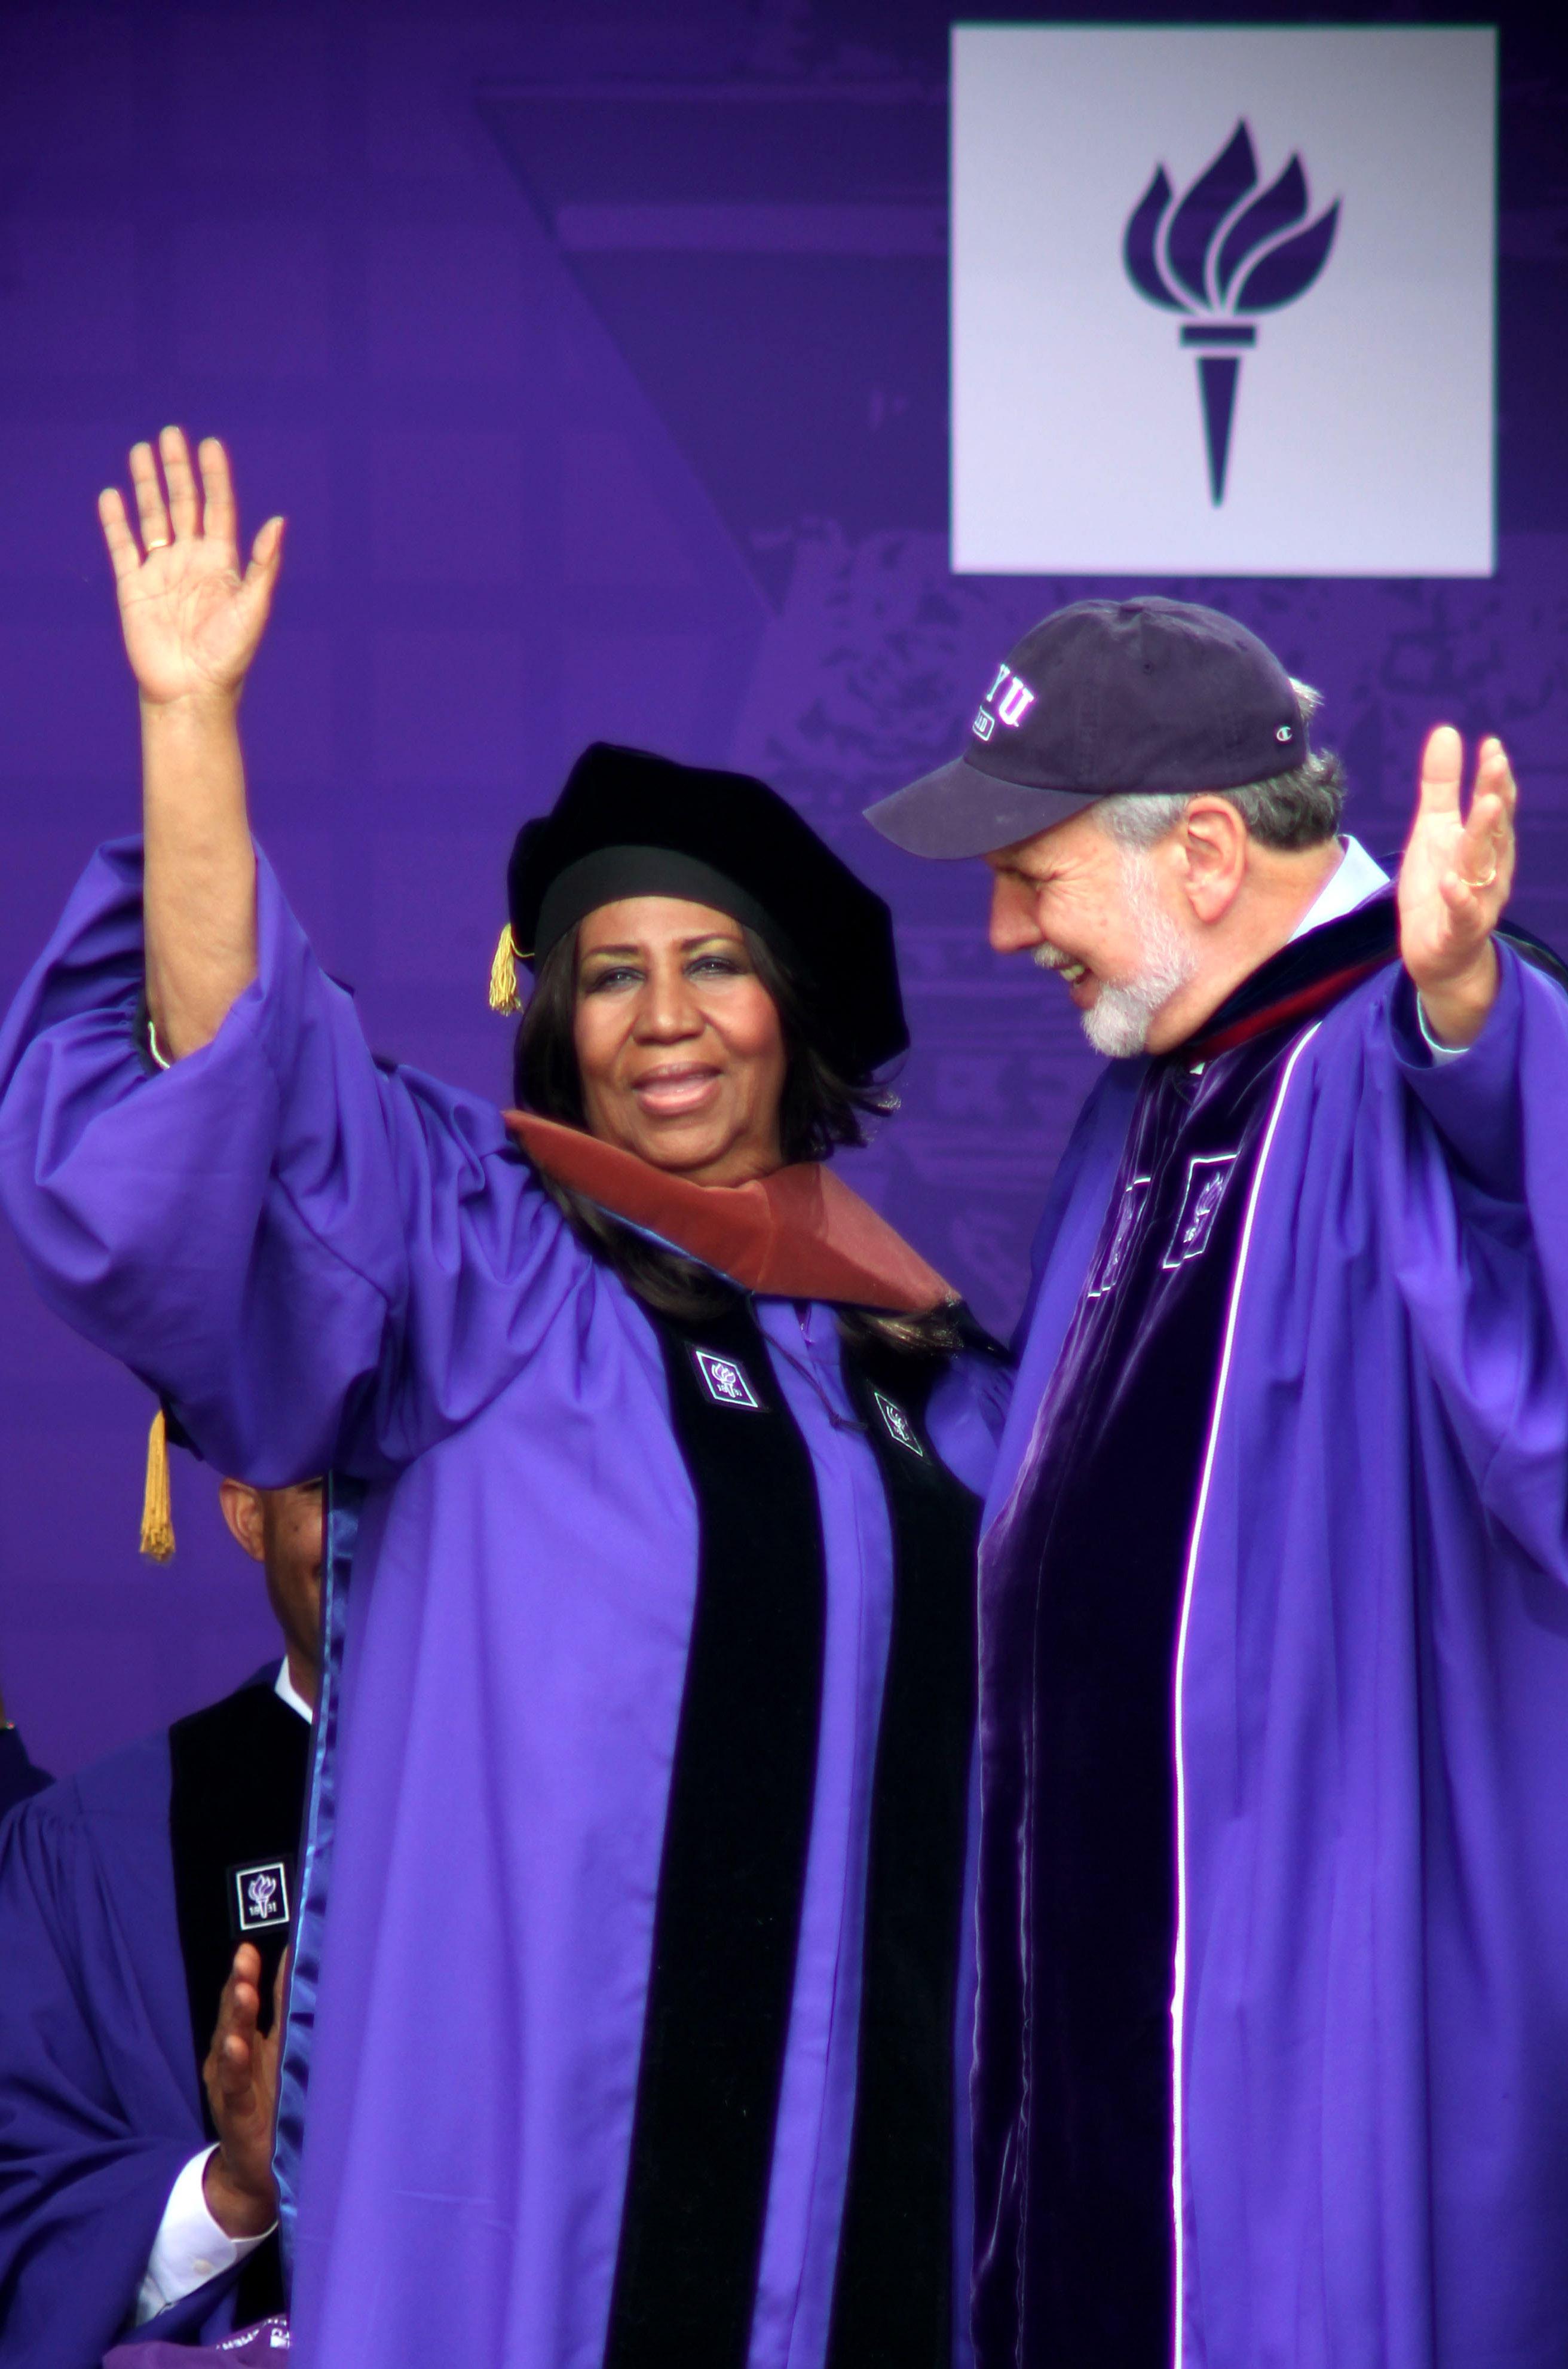 2014 New York University Commencement Ceremony